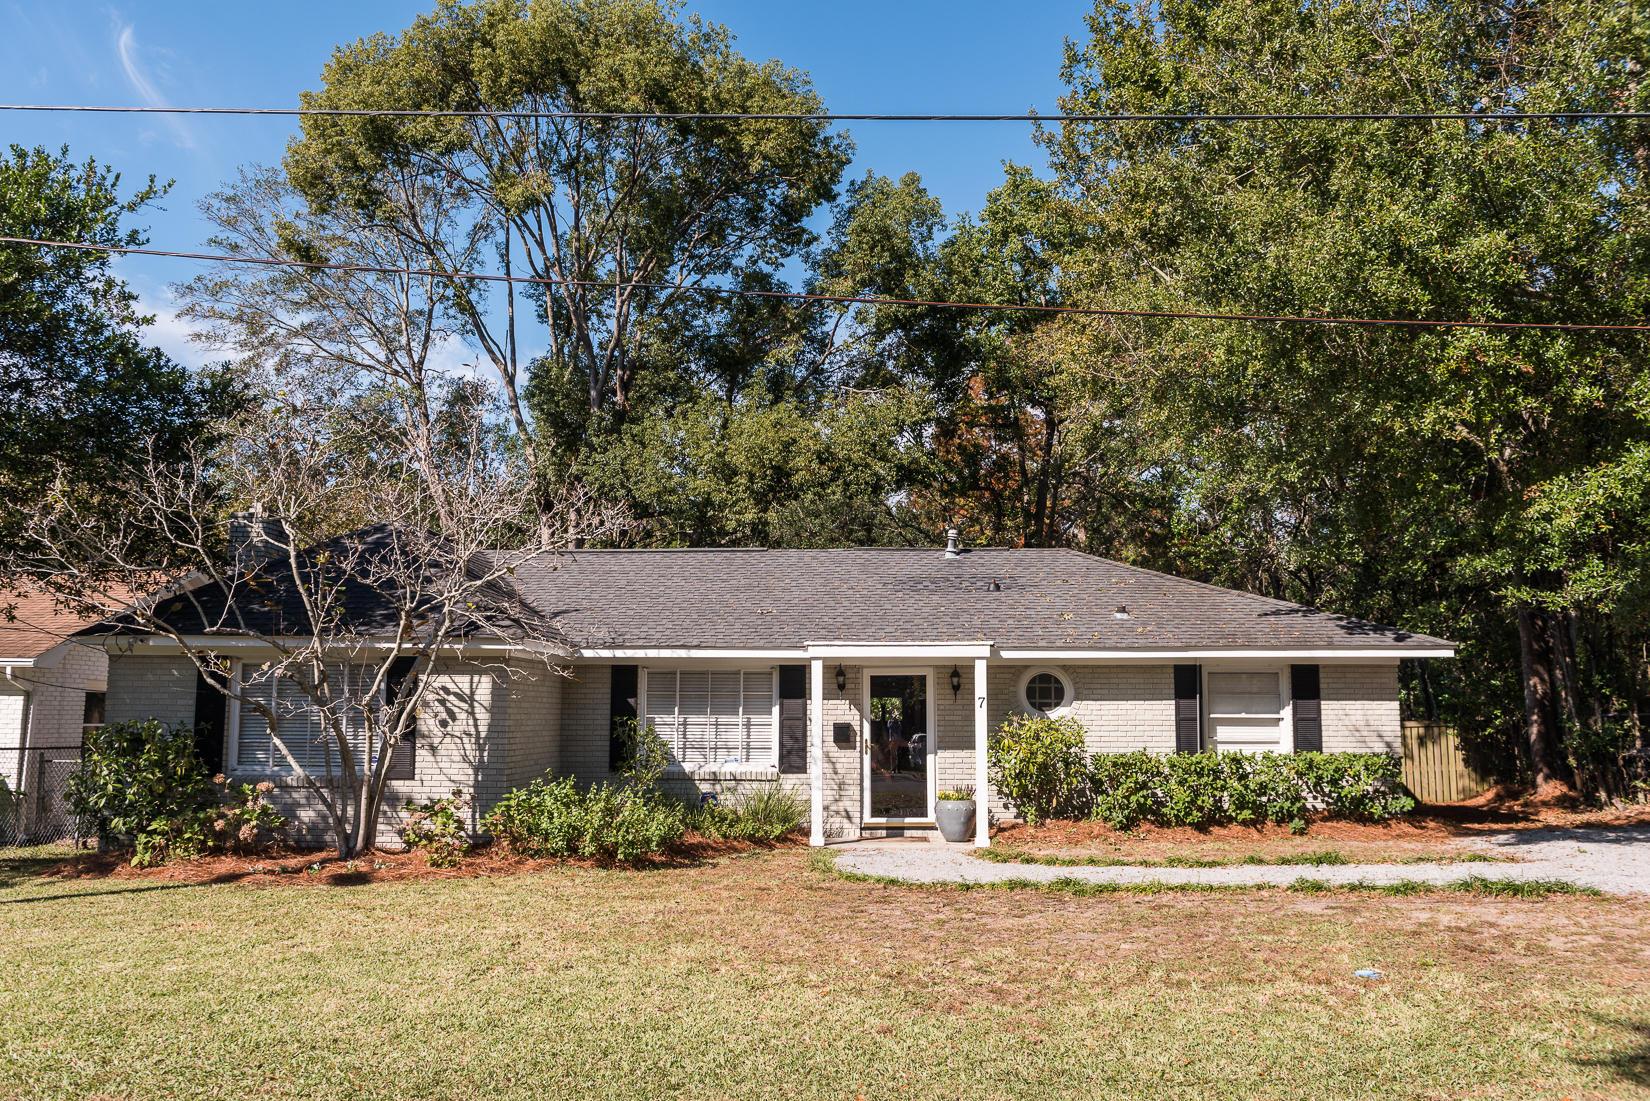 Home for sale 7 Arcadian Park, Avondale, West Ashley, SC